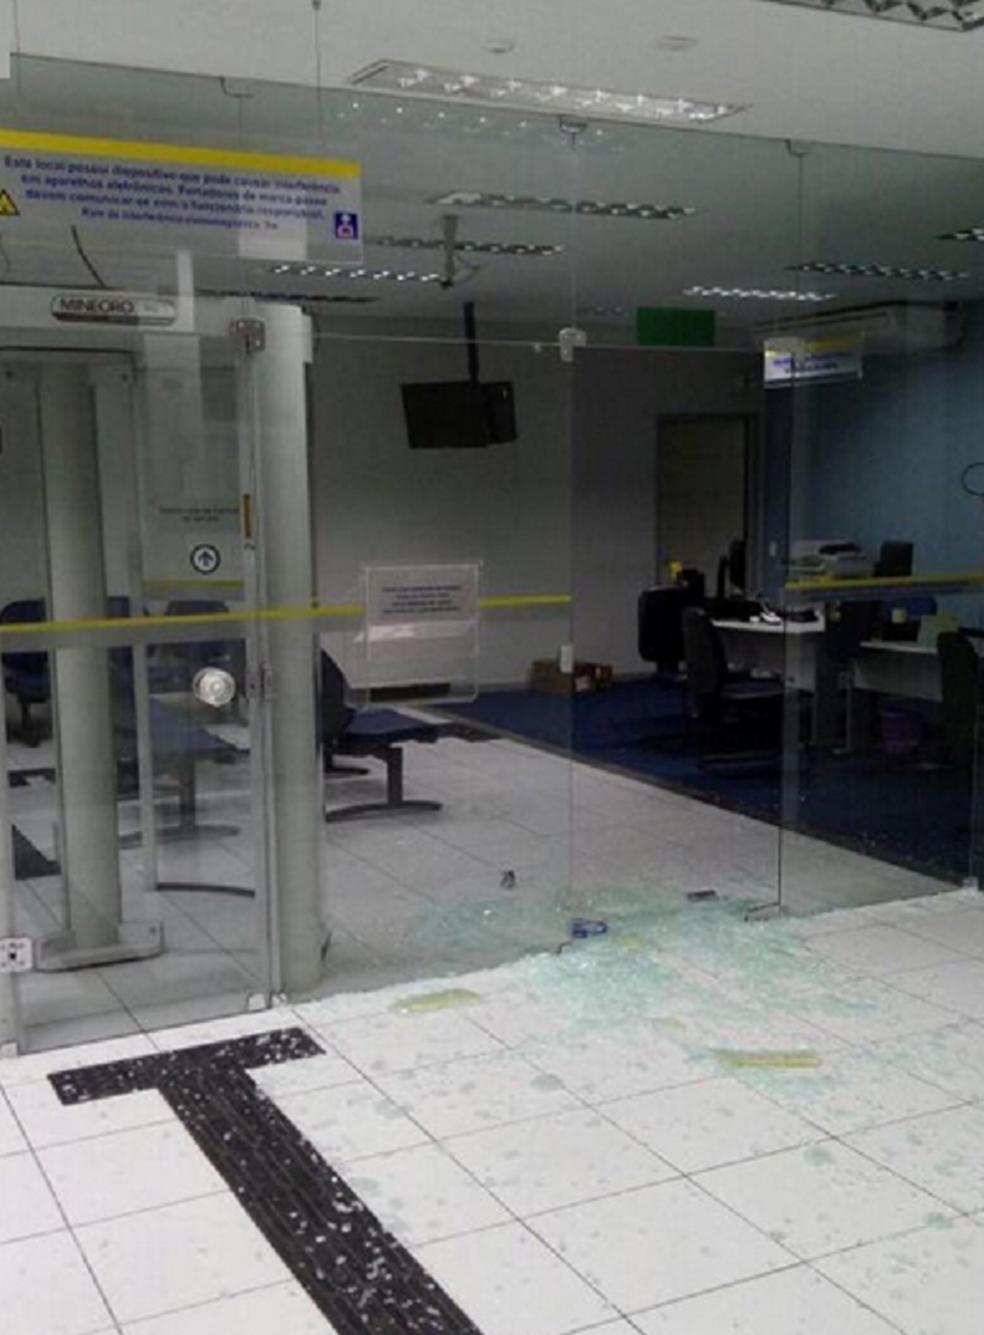 Bancos do CE vão ter vidros à prova de bala e monitoramento em tempo real, prevê lei